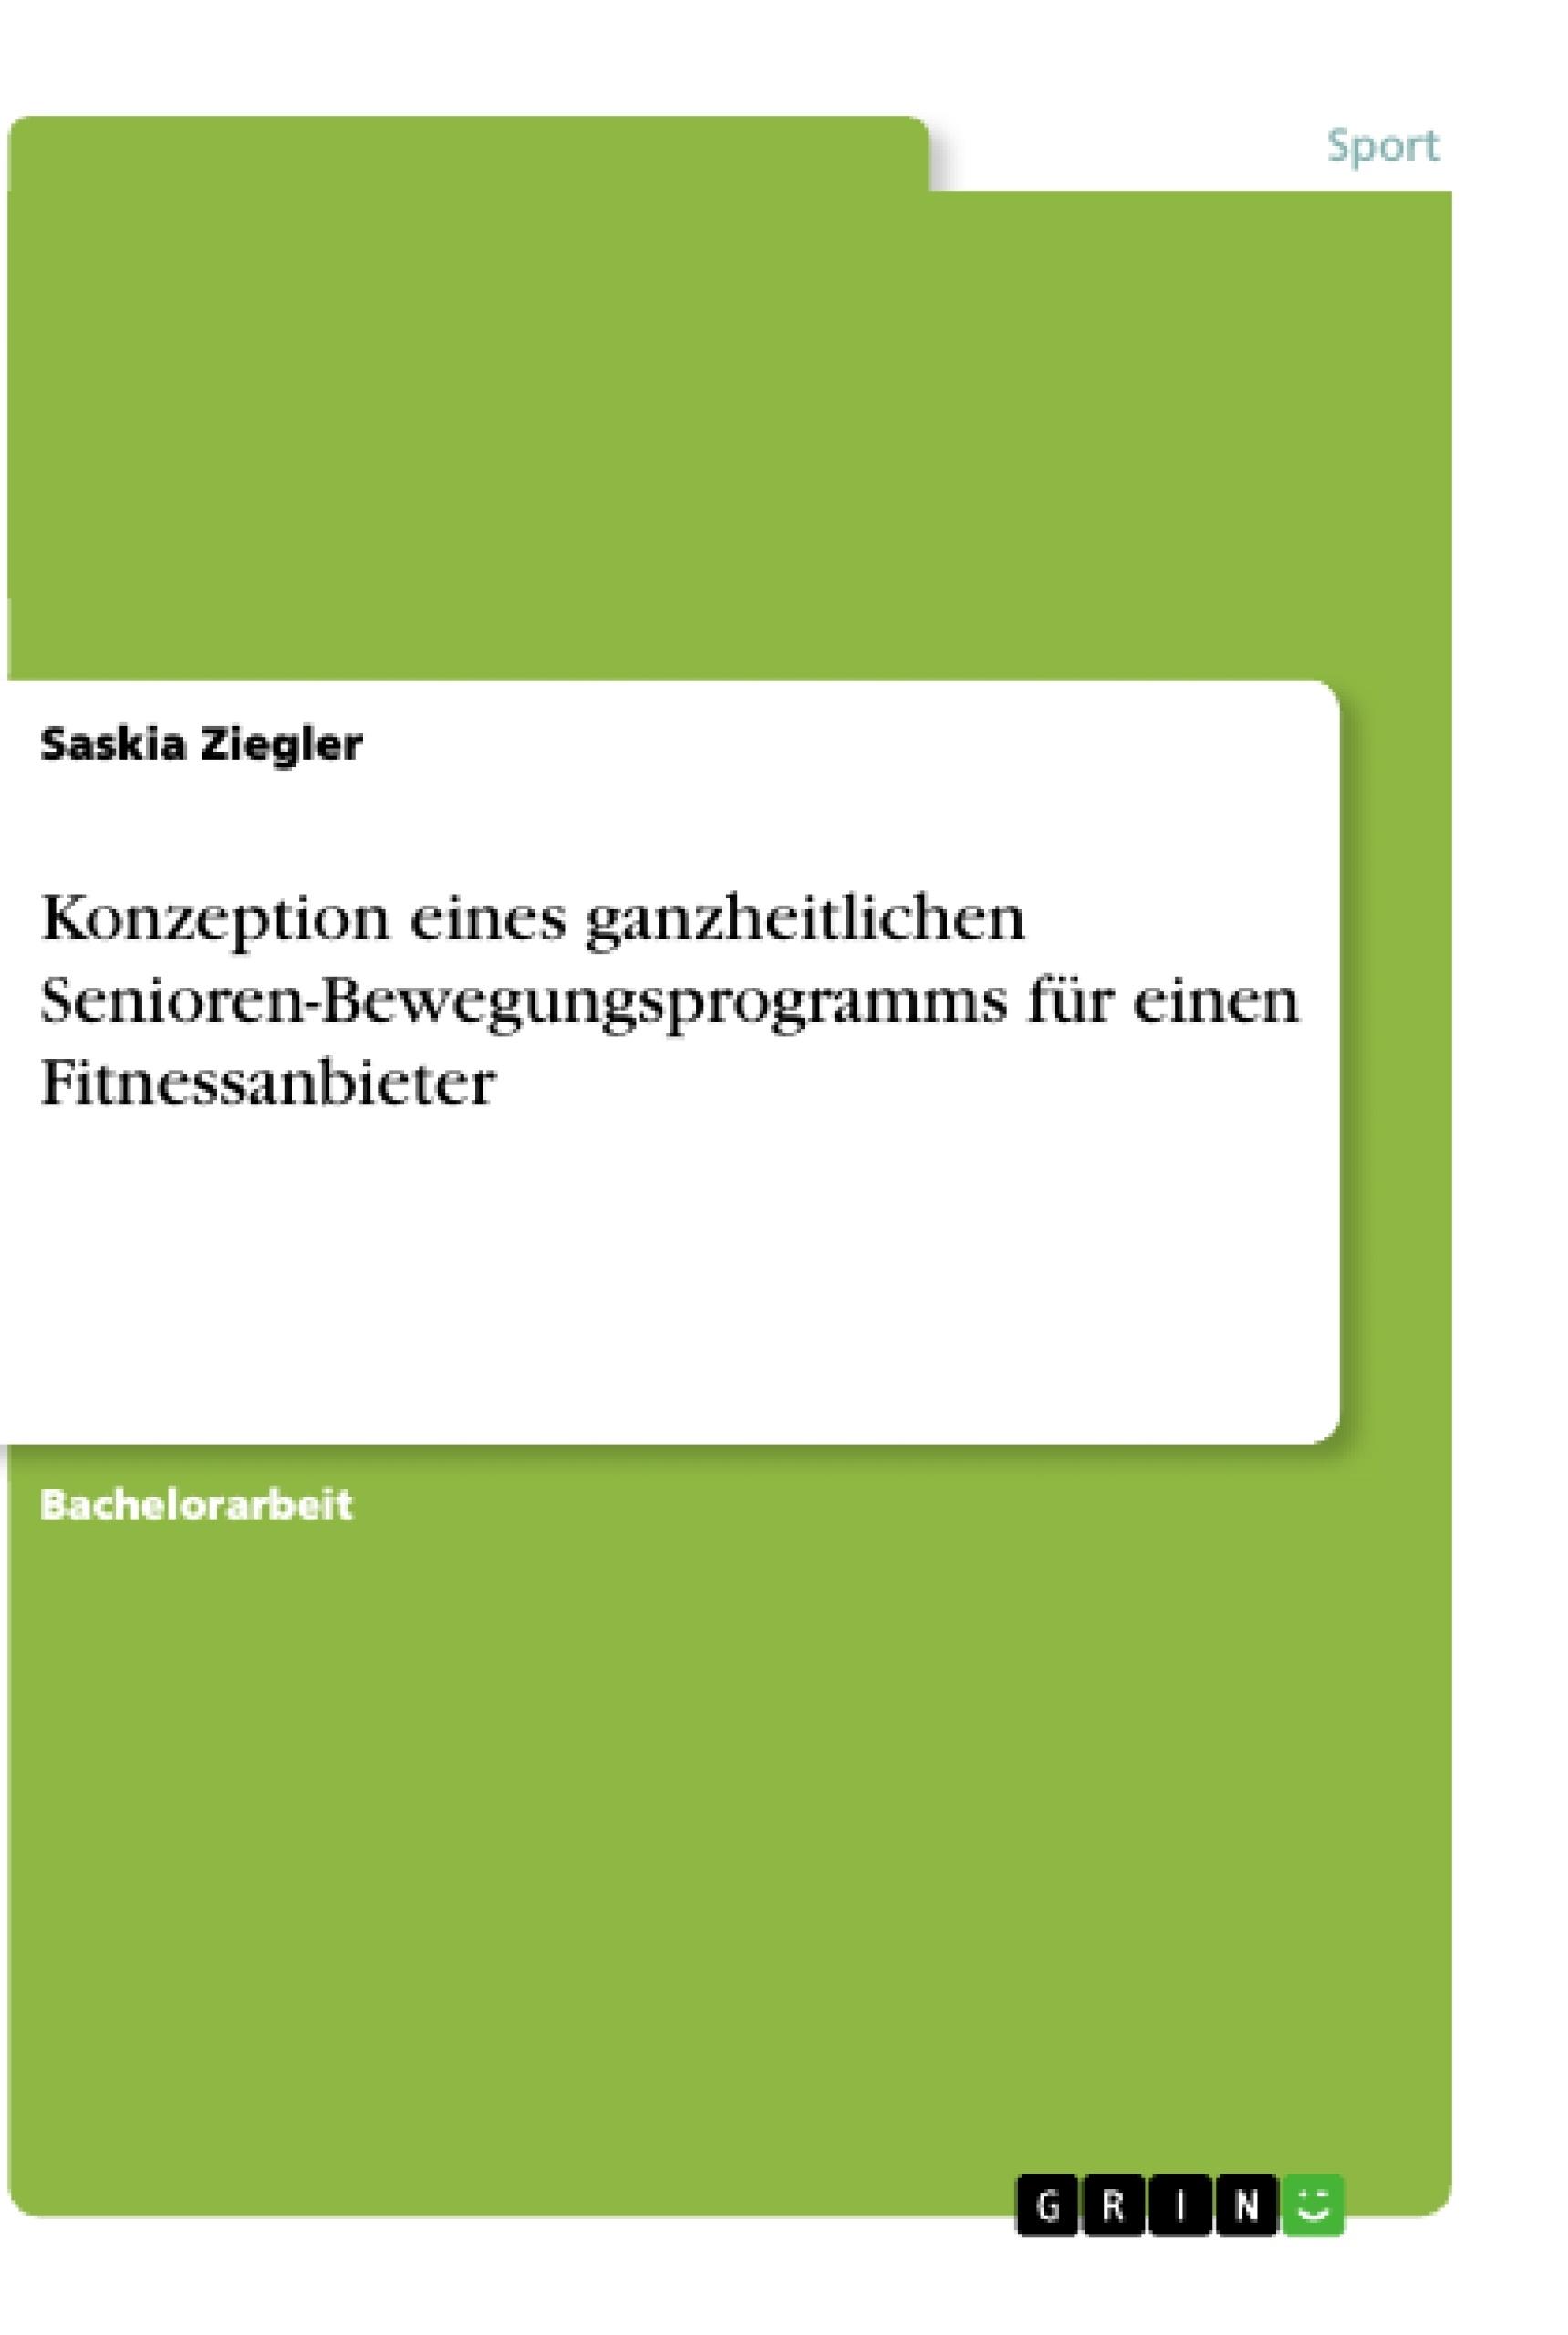 Titel: Konzeption eines ganzheitlichen Senioren-Bewegungsprogramms für einen Fitnessanbieter